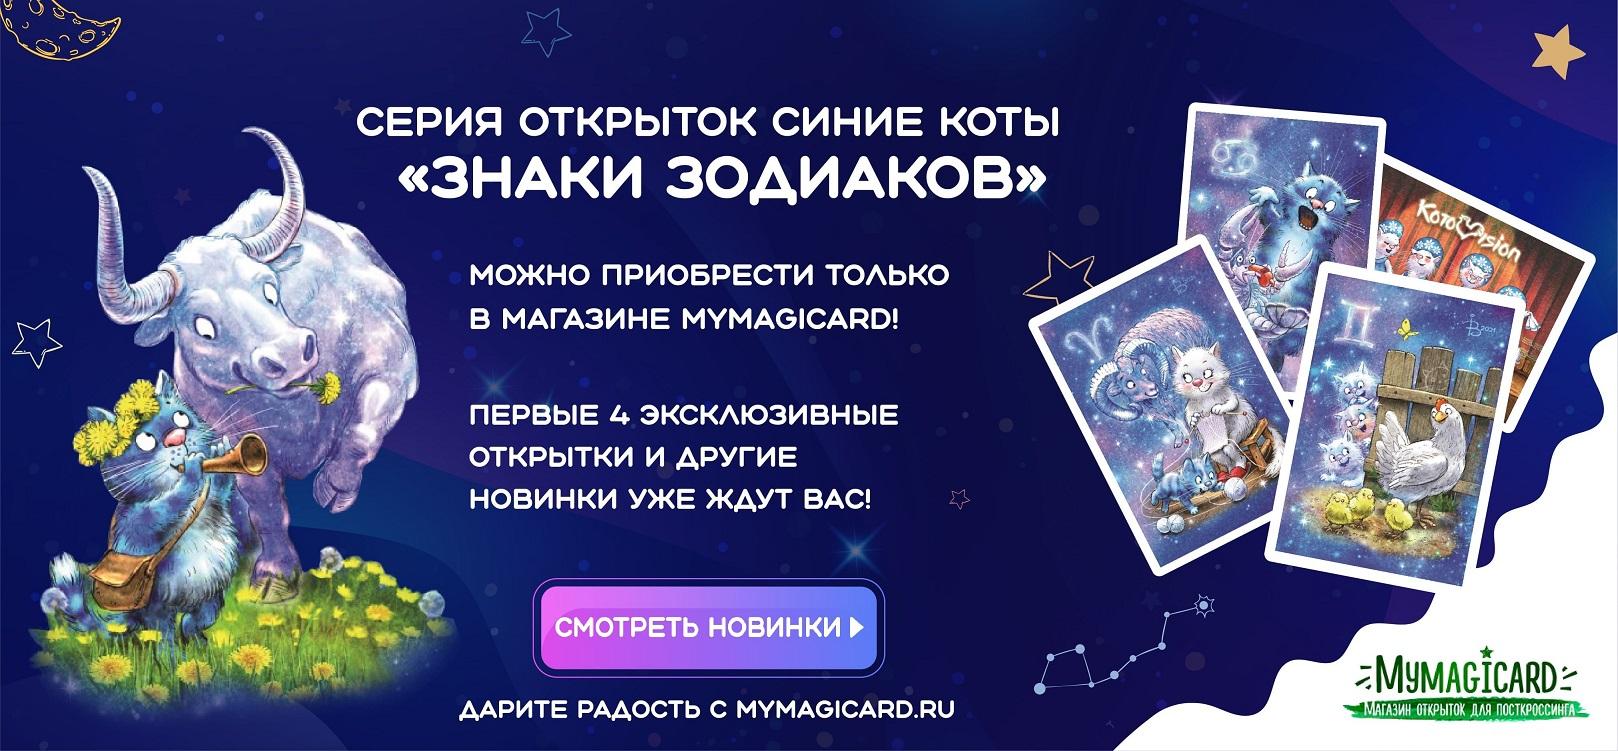 Ирина Зенюк знаки зодиака